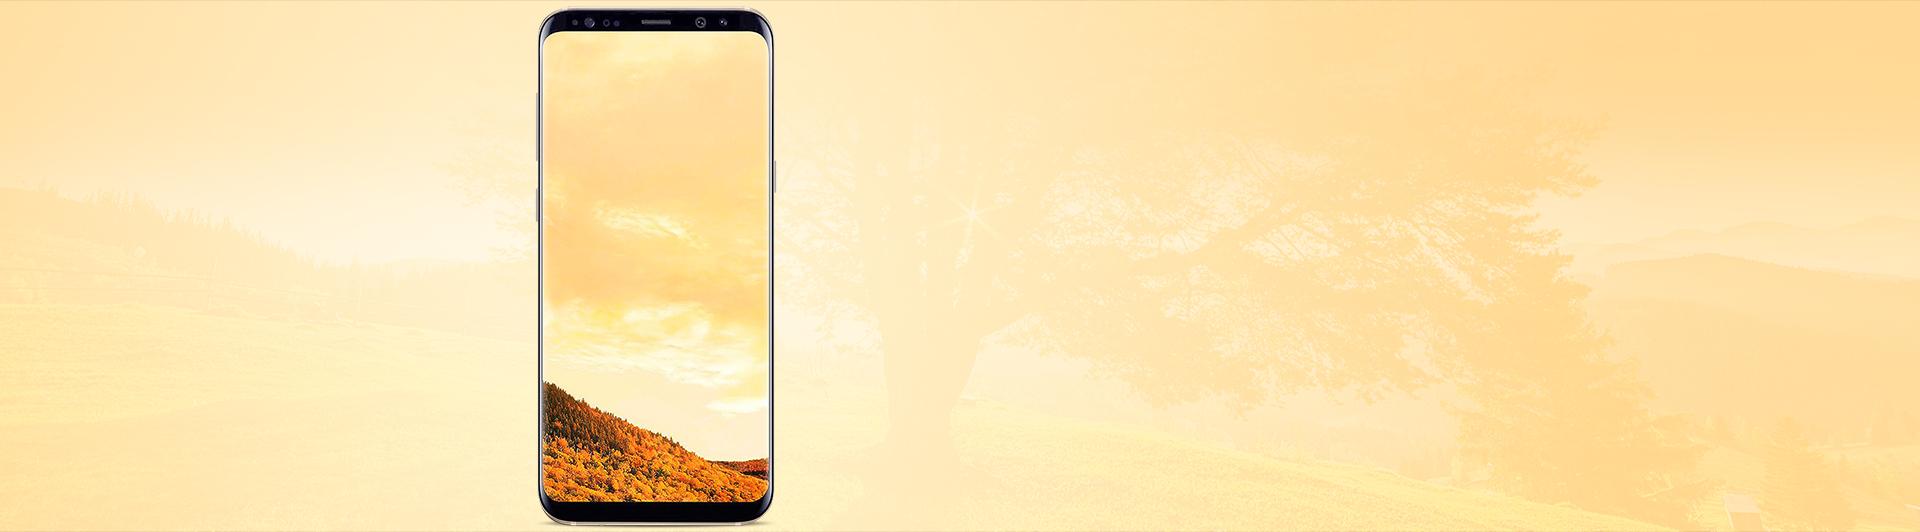 Điện thoại Samsung Galaxy S8 Plus vàng màn hình sắc nét